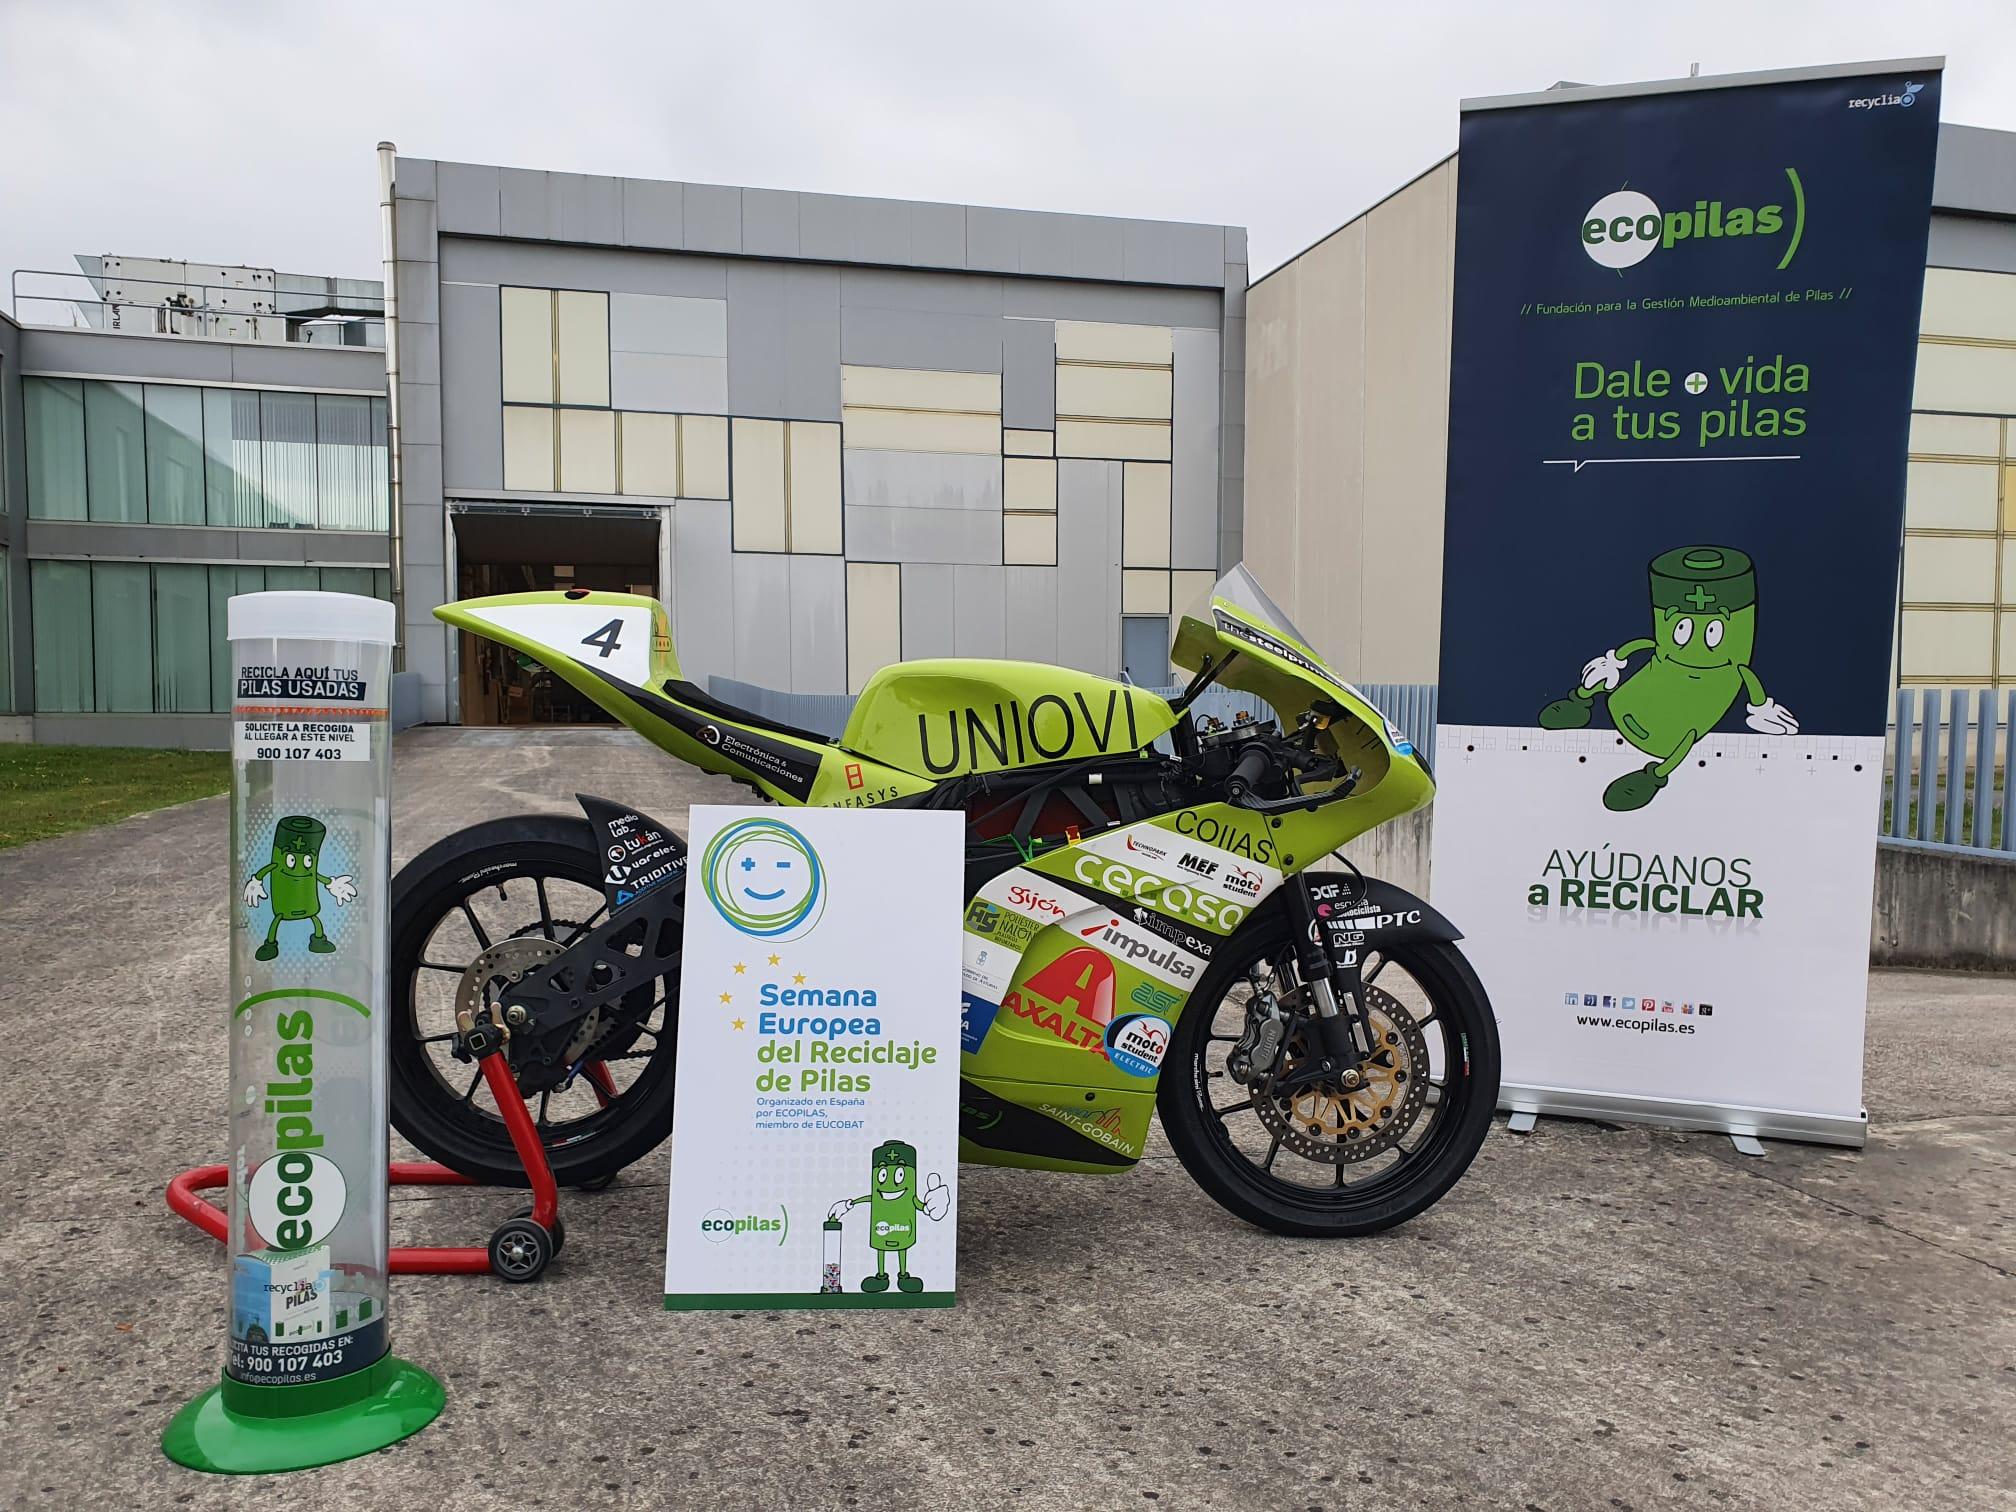 Ecopilas, junto al resto de integrantes de la organización europea de sistemas de recogida de baterías (Eucobat) celebra durante esta semana, hasta el próximo domingo, 12 de septiembre, la Semana Europea del Reciclaje de Pilas.